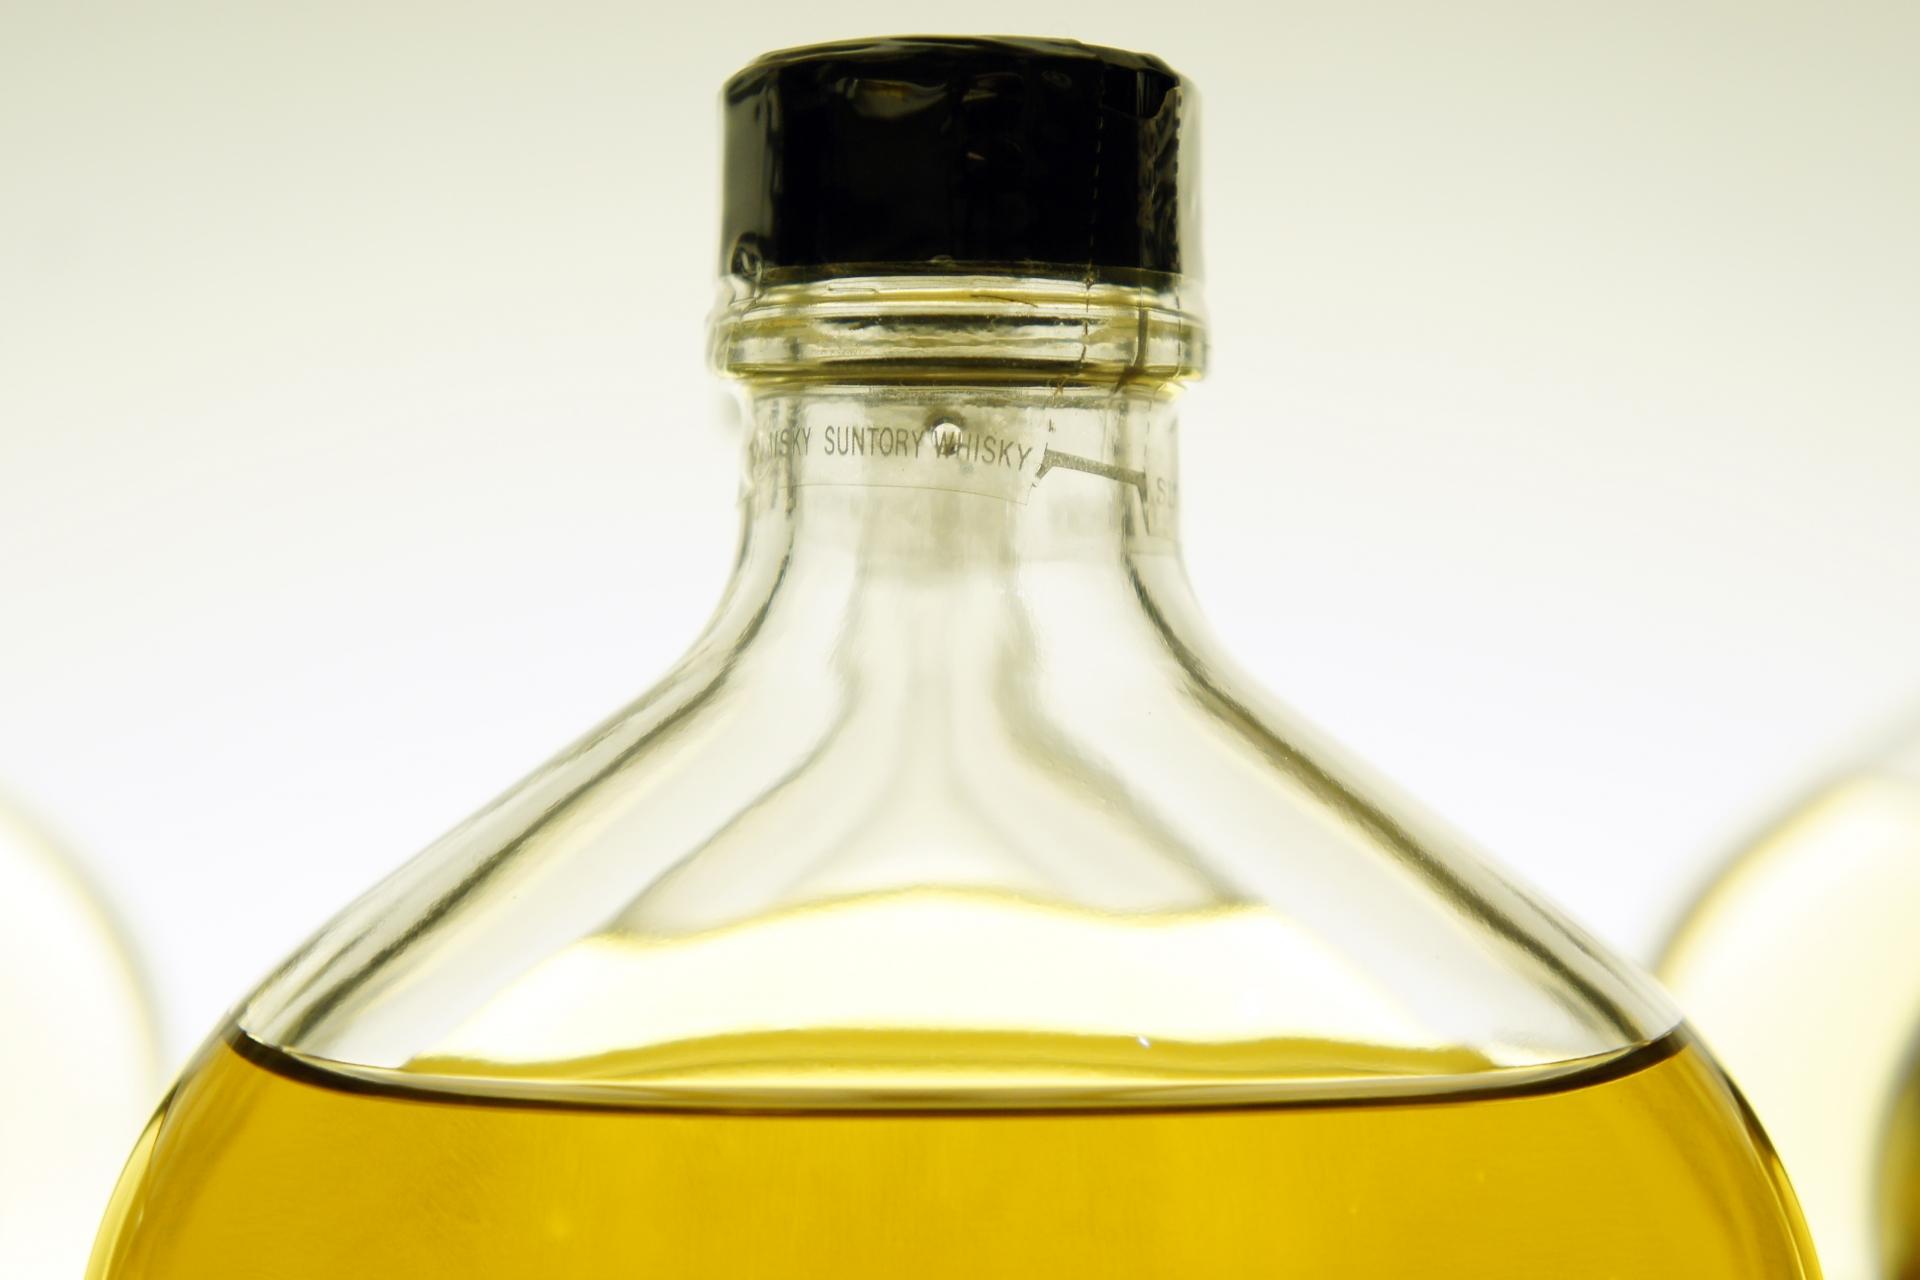 捨てちゃダメ!売れるウイスキー空き瓶・空きボトルをチェック!